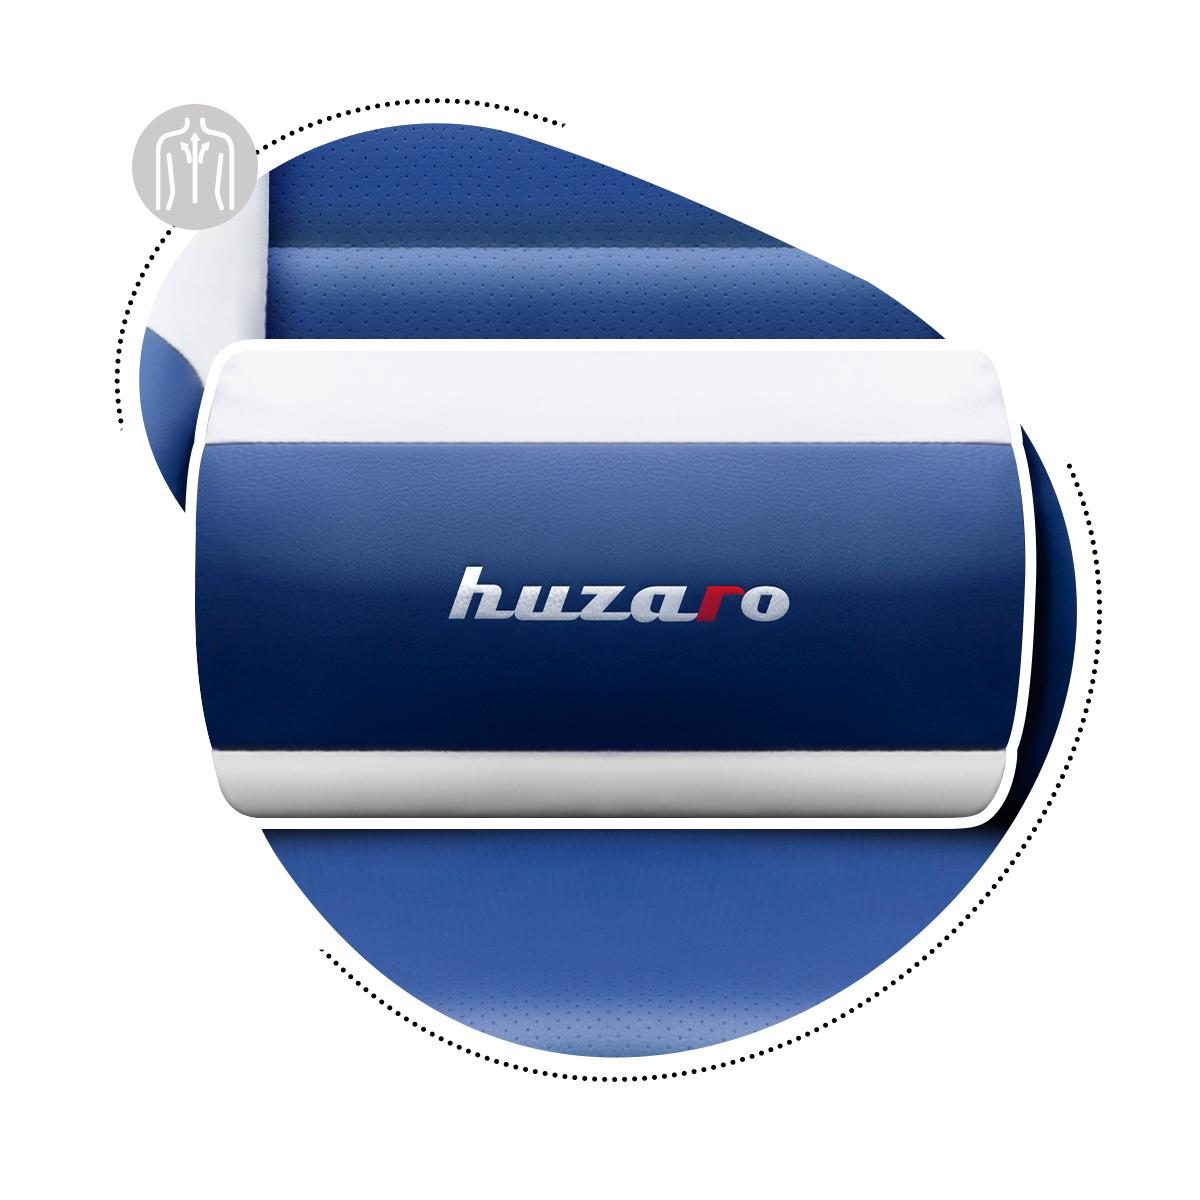 Poduszka lędźwiowa do Huzaro Ranger 6.0 Blue